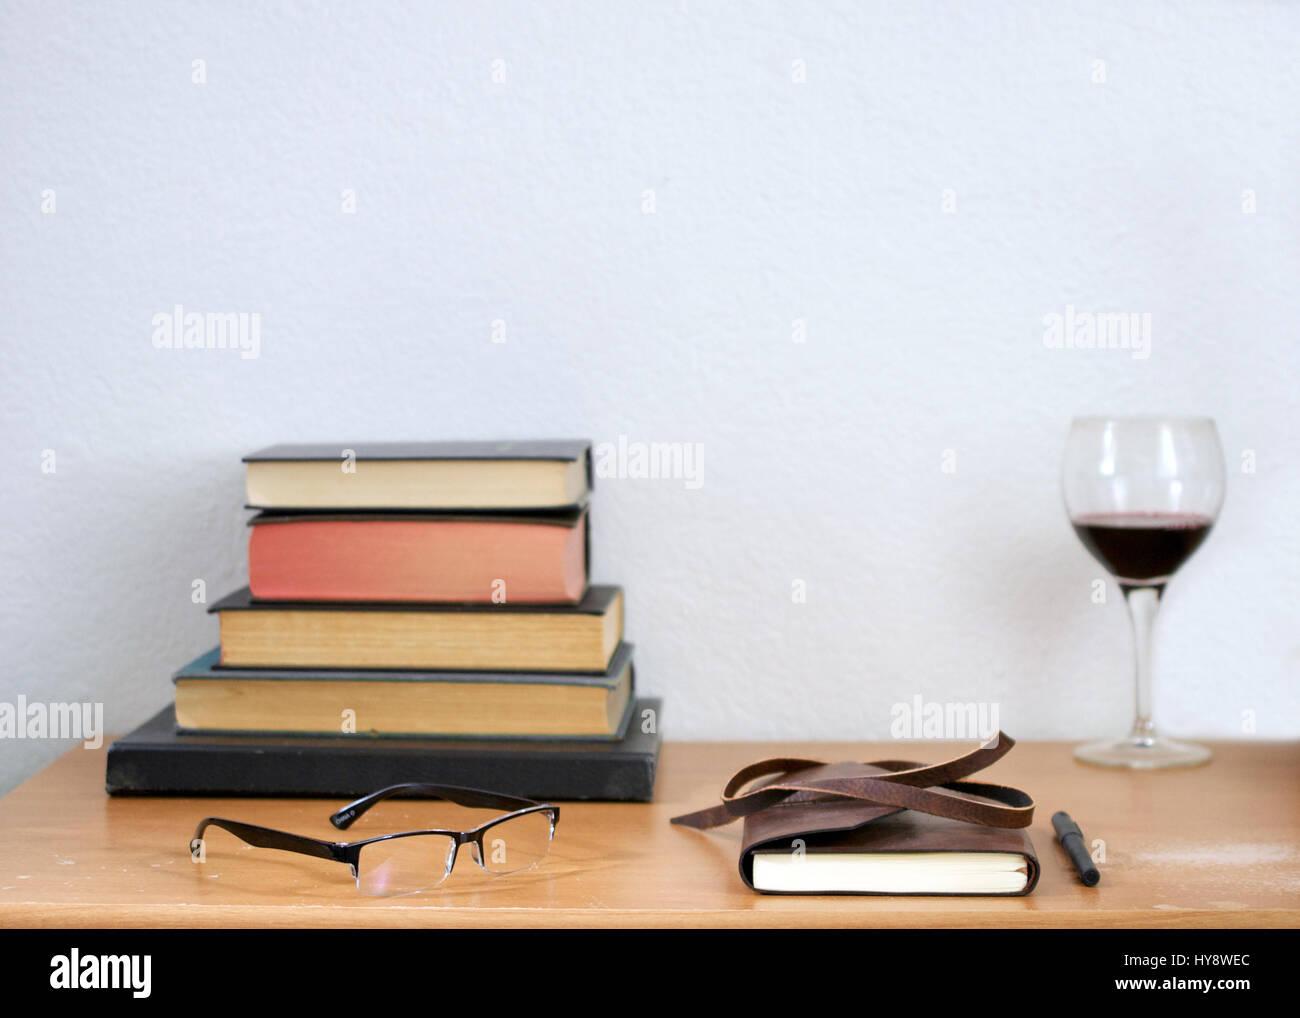 Journal de cuir crayon lecteurs et cartonné livres empilés